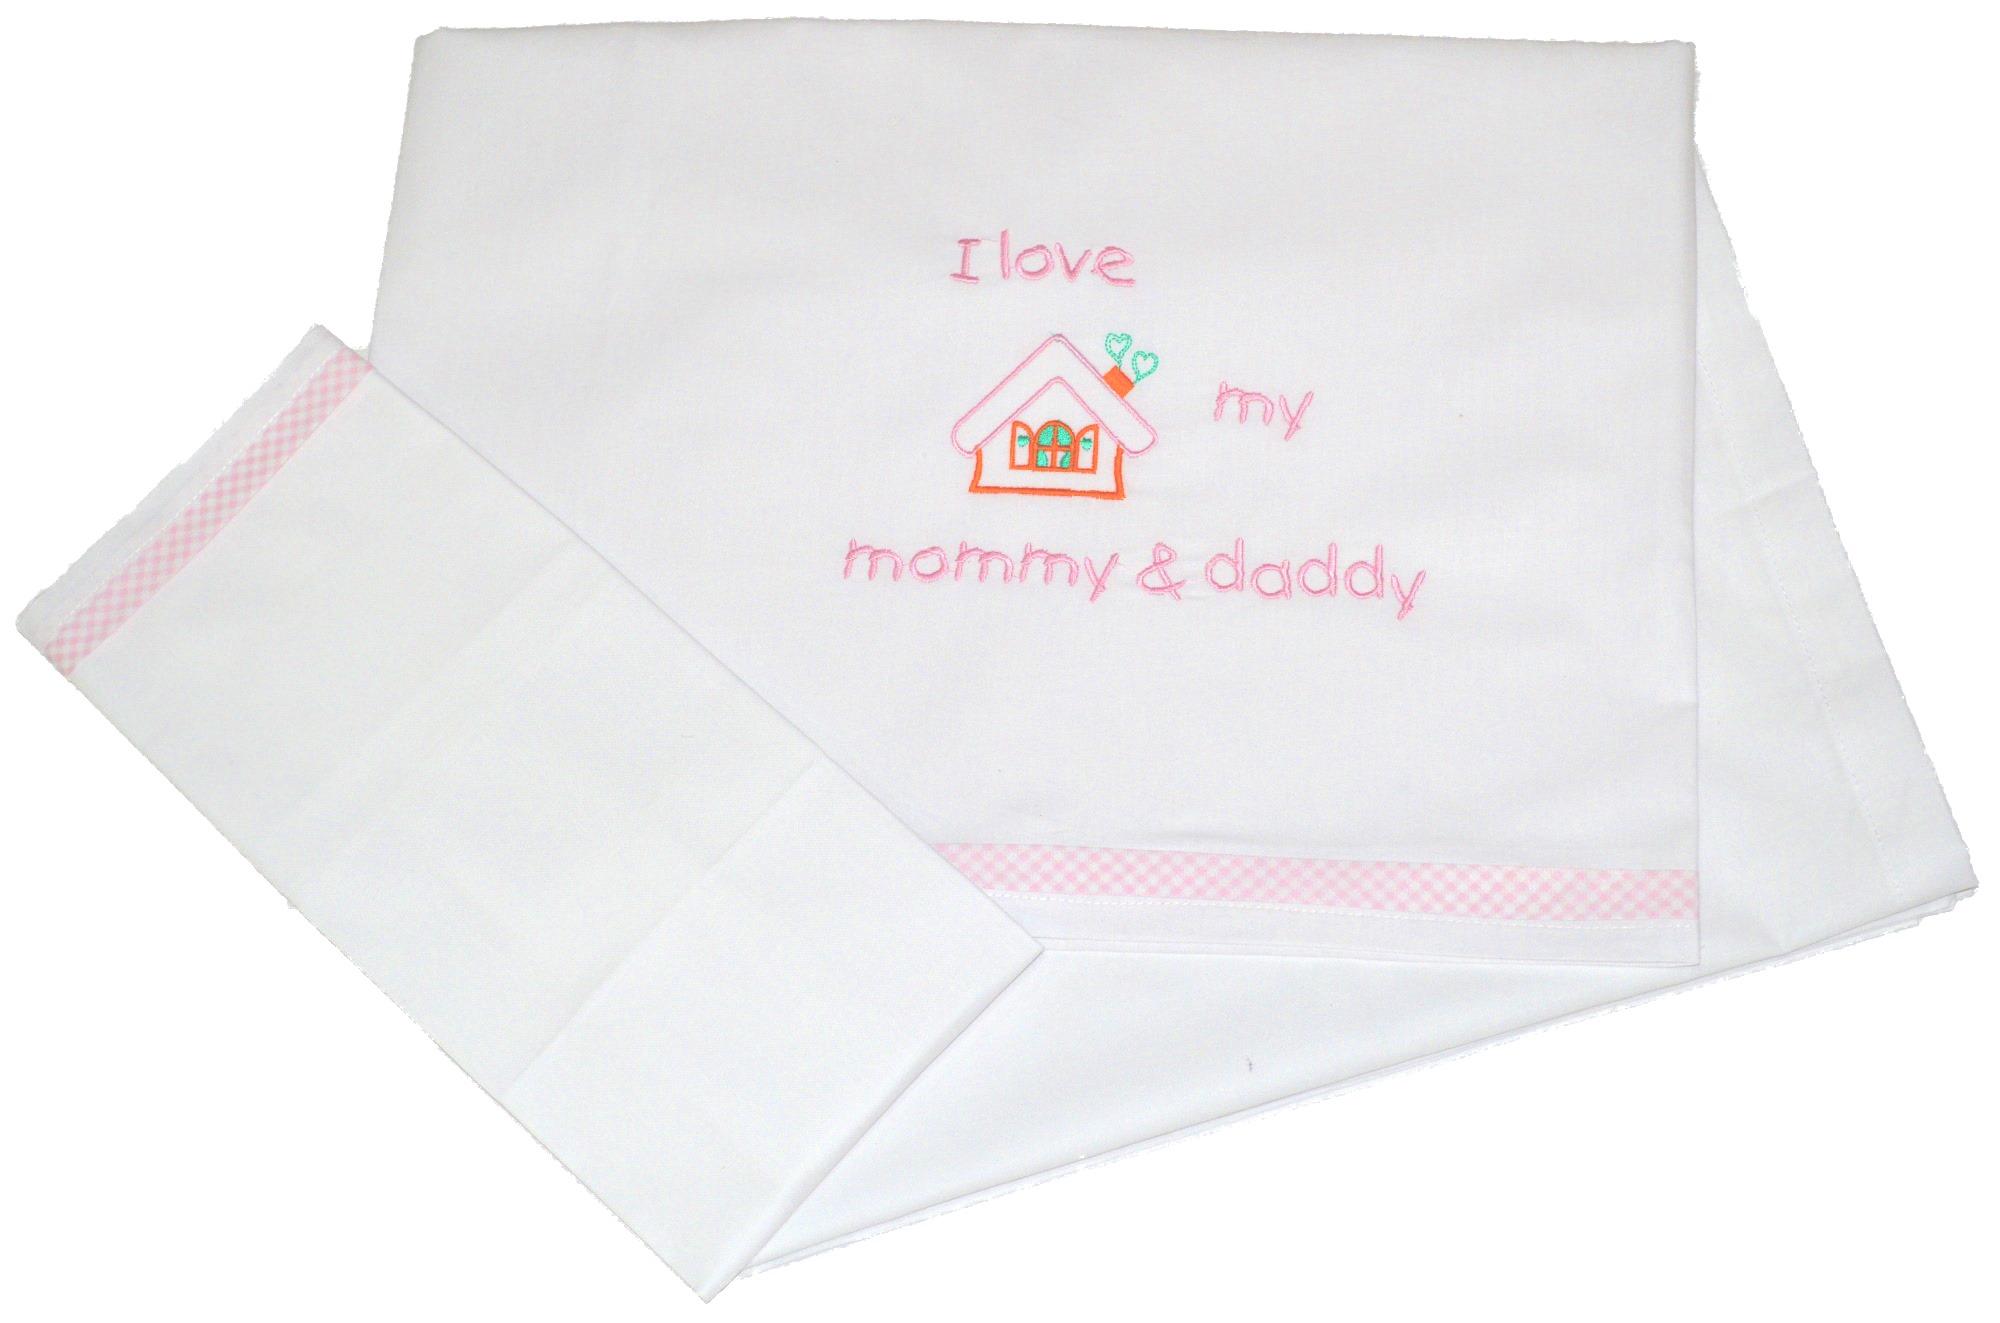 Σετ Σεντόνια Μπεμπέ 100x160εκ. Love 0202 Pink - Ο Κόσμος του Μωρού - 16-0202-lov λευκα ειδη παιδί σεντόνια μπεμπέ